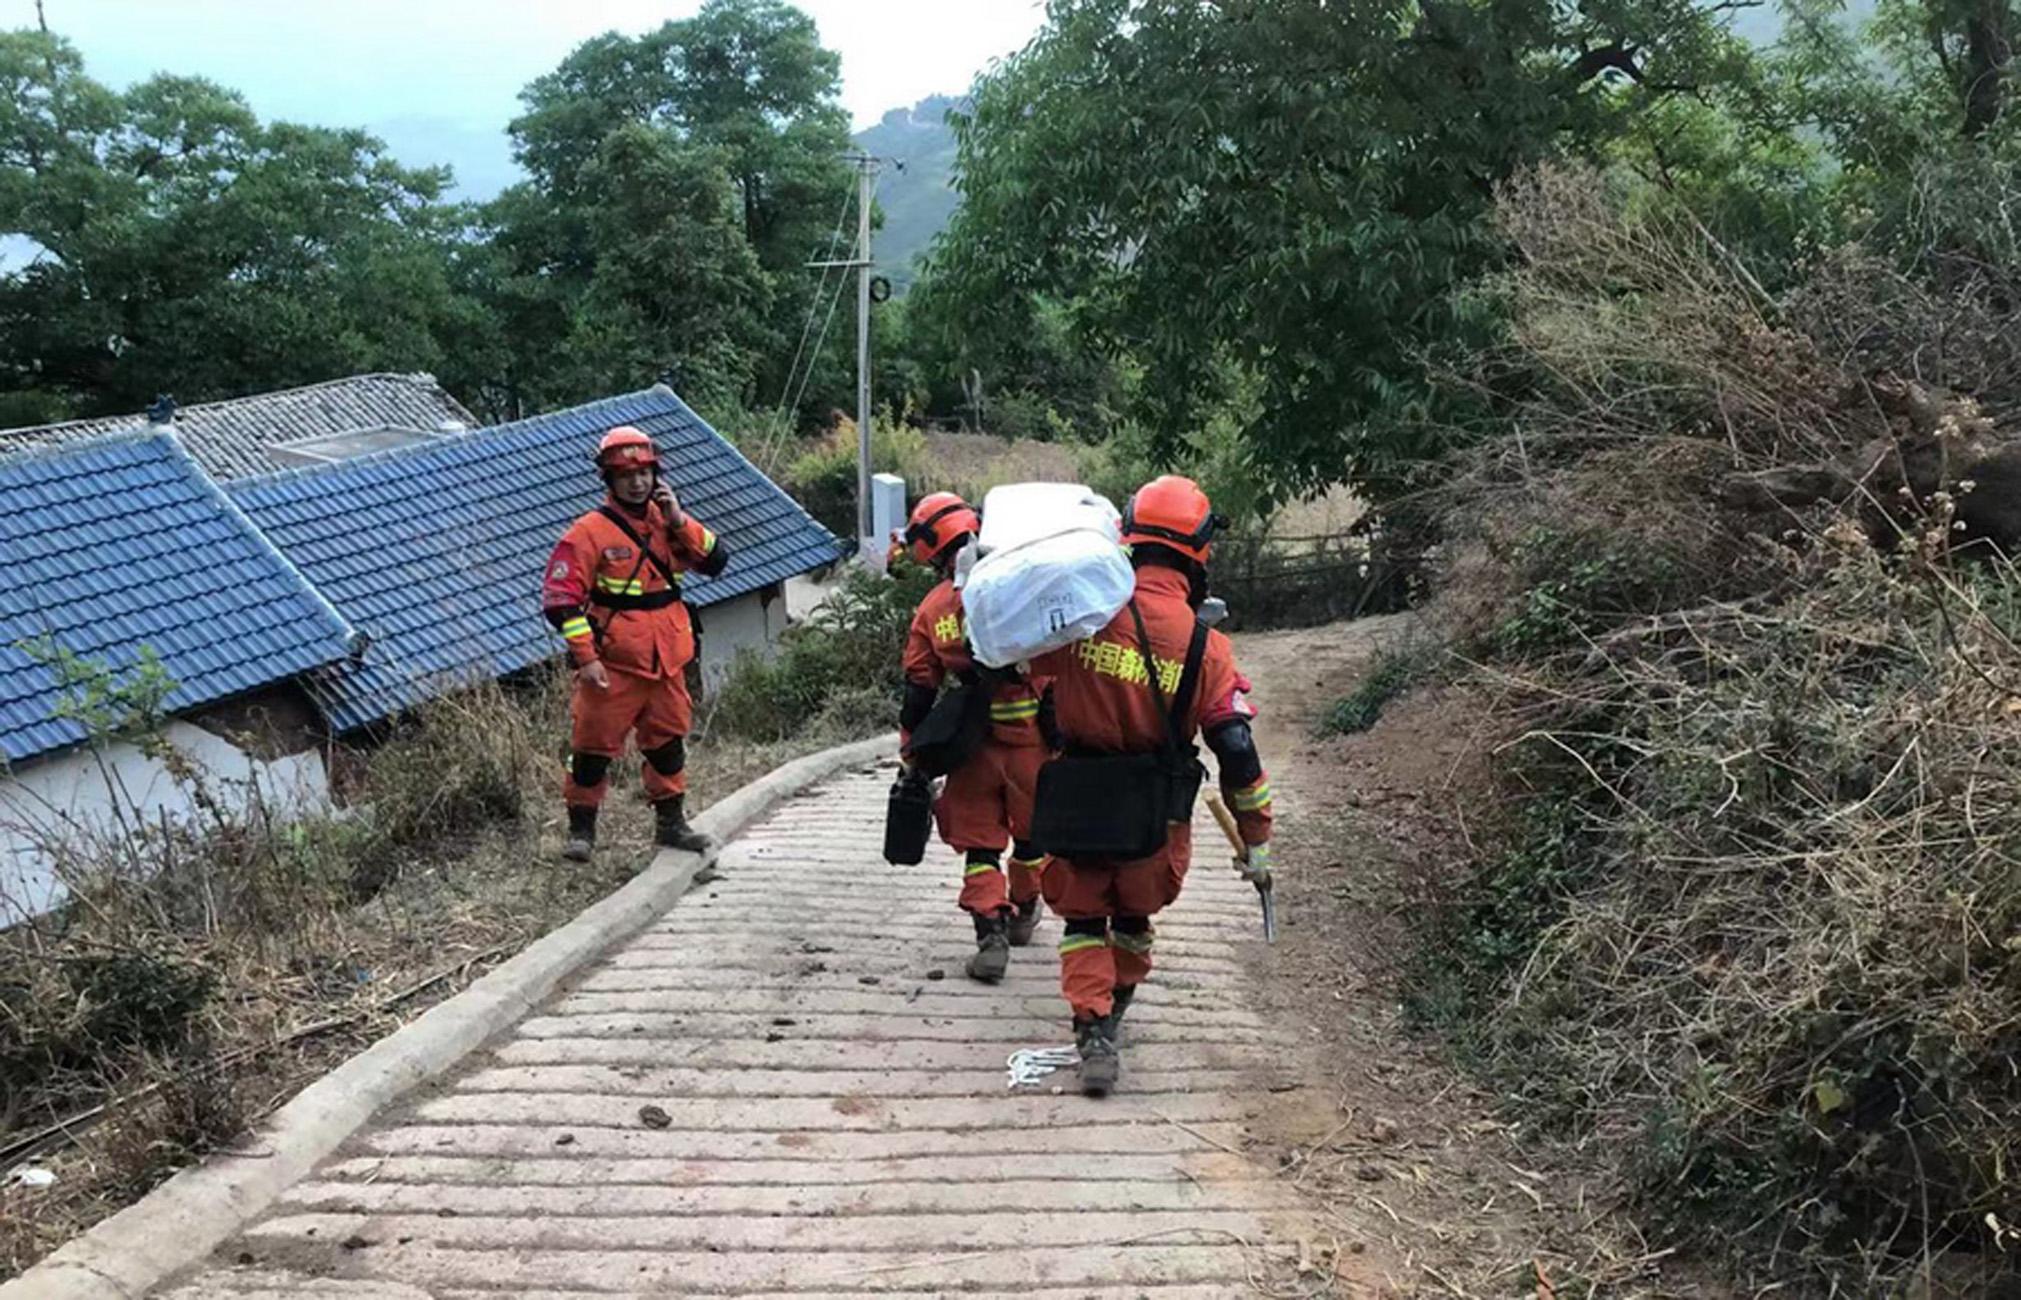 Κίνα: 3 νεκροί και 27 τραυματίες από τον σεισμό 6,4 Ρίχτερ στη Γιουνάν